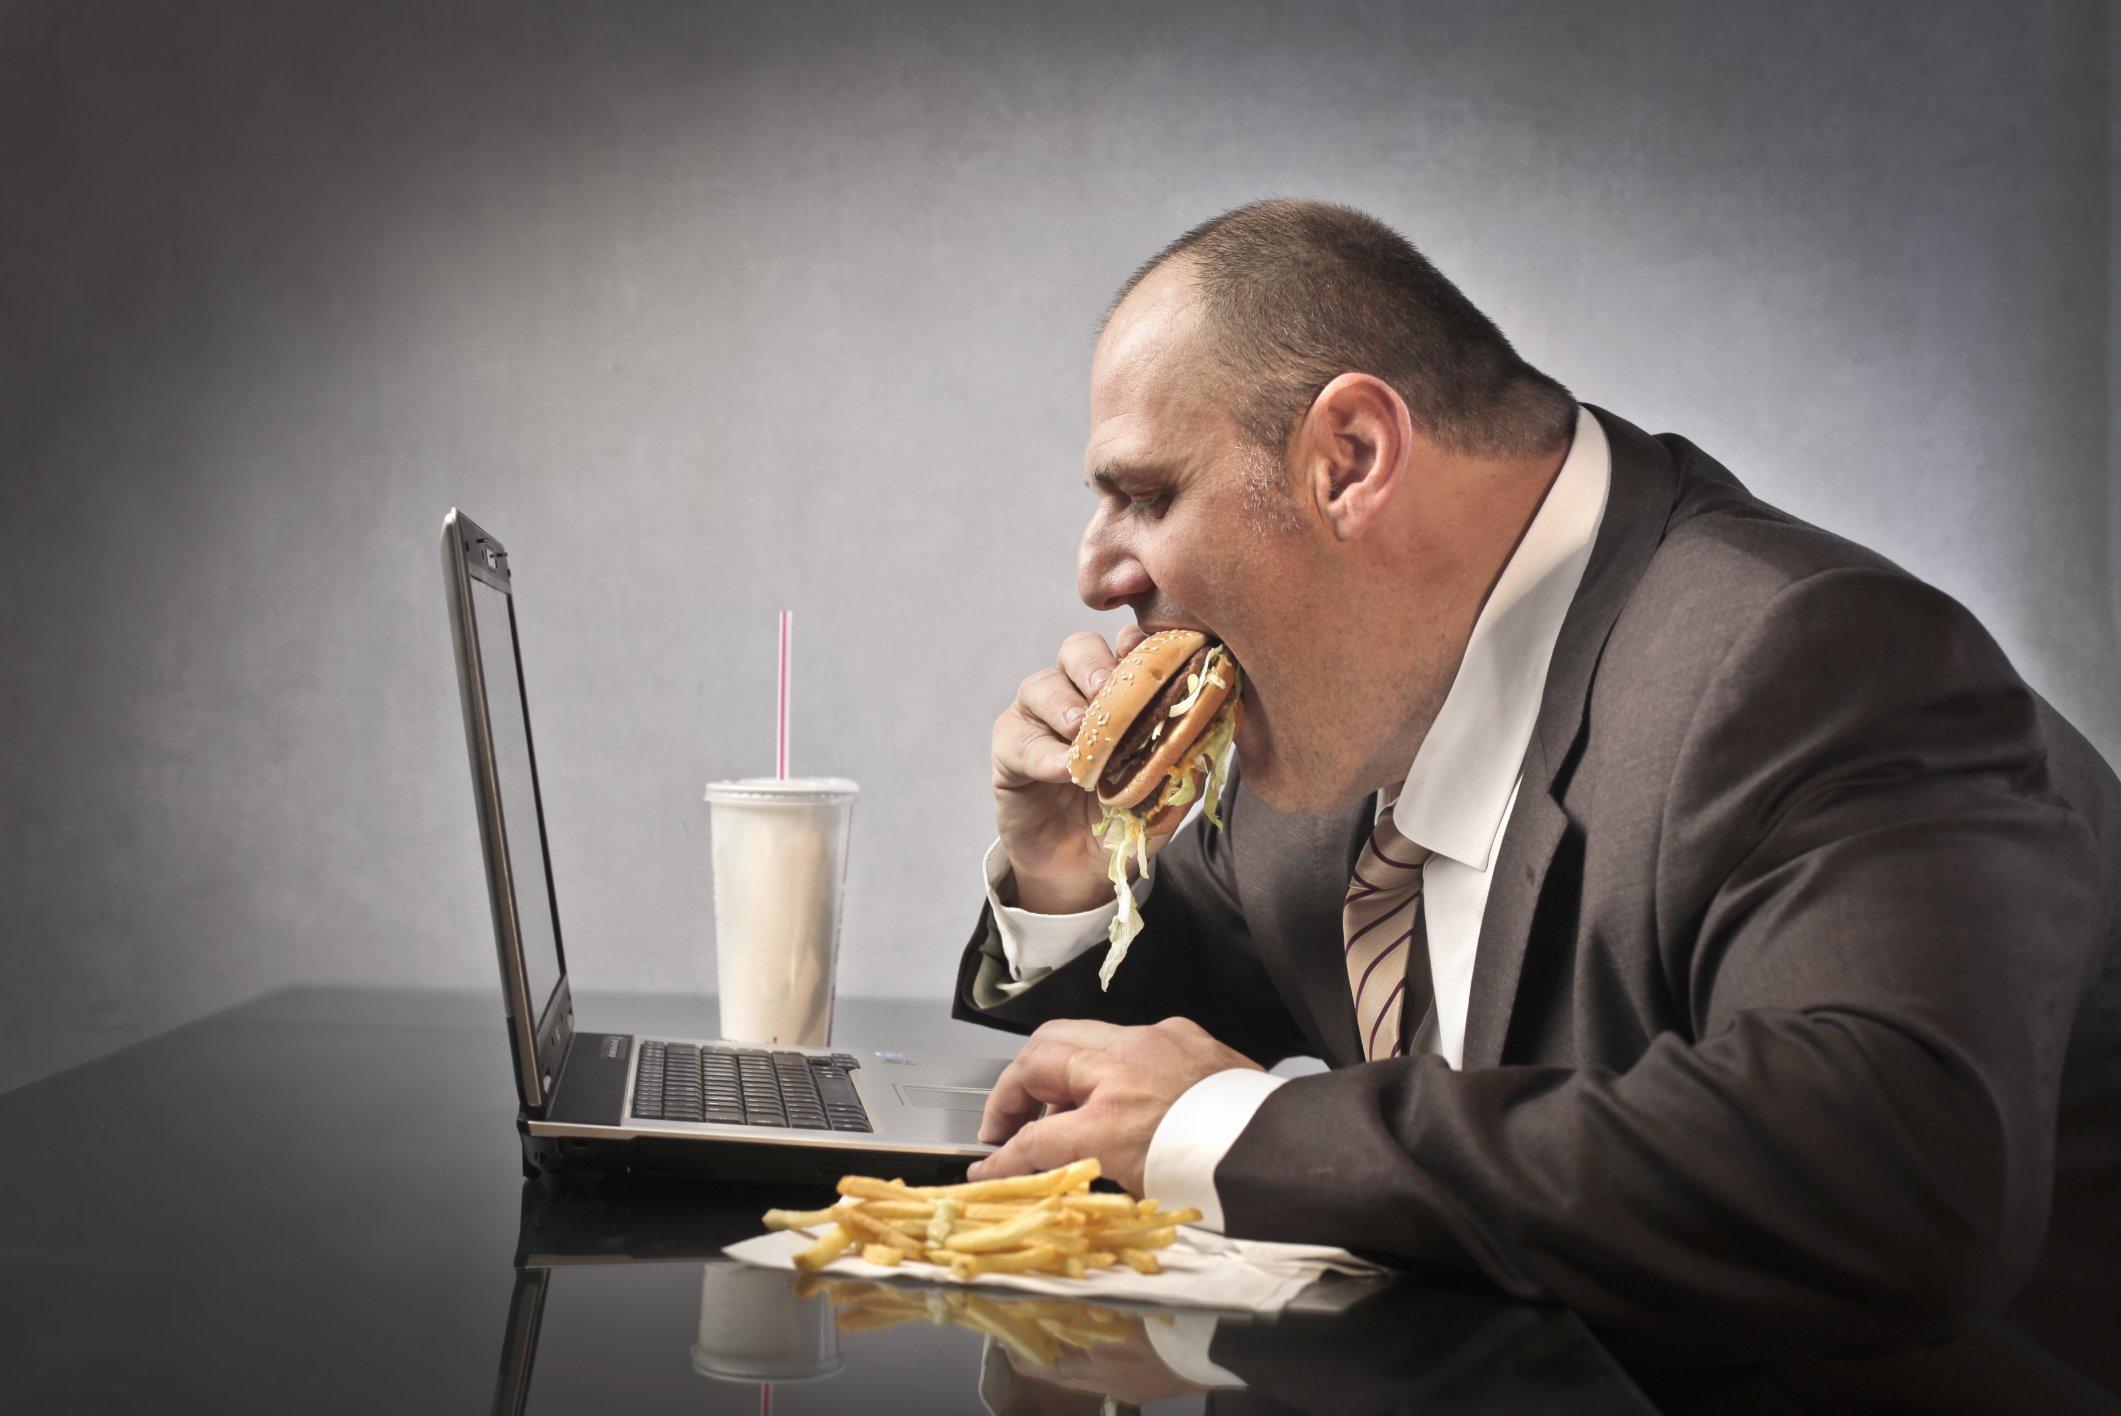 9 23 social media and obesity.jpg?resize=636,358 - 5 motivos pelos quais as pessoas engordam no trabalho